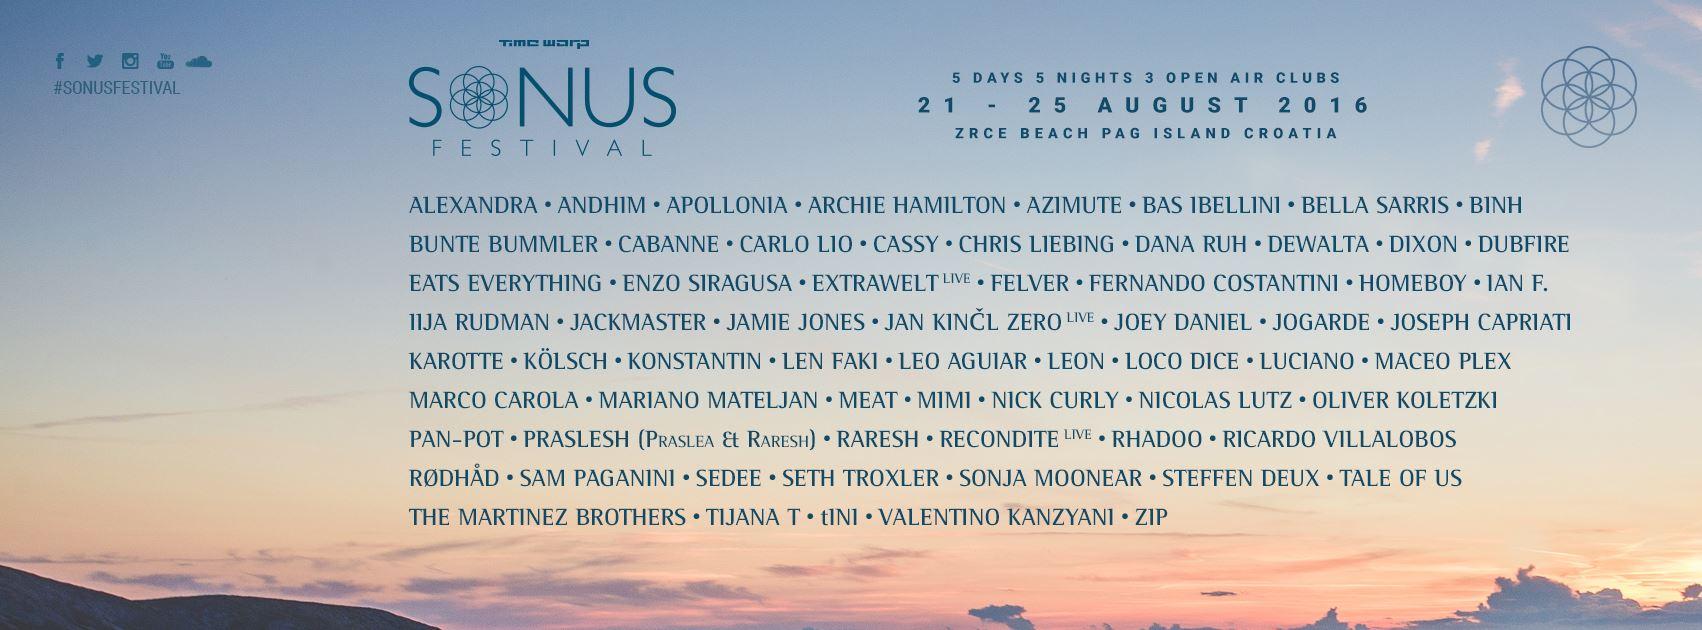 Sonus Festival 1